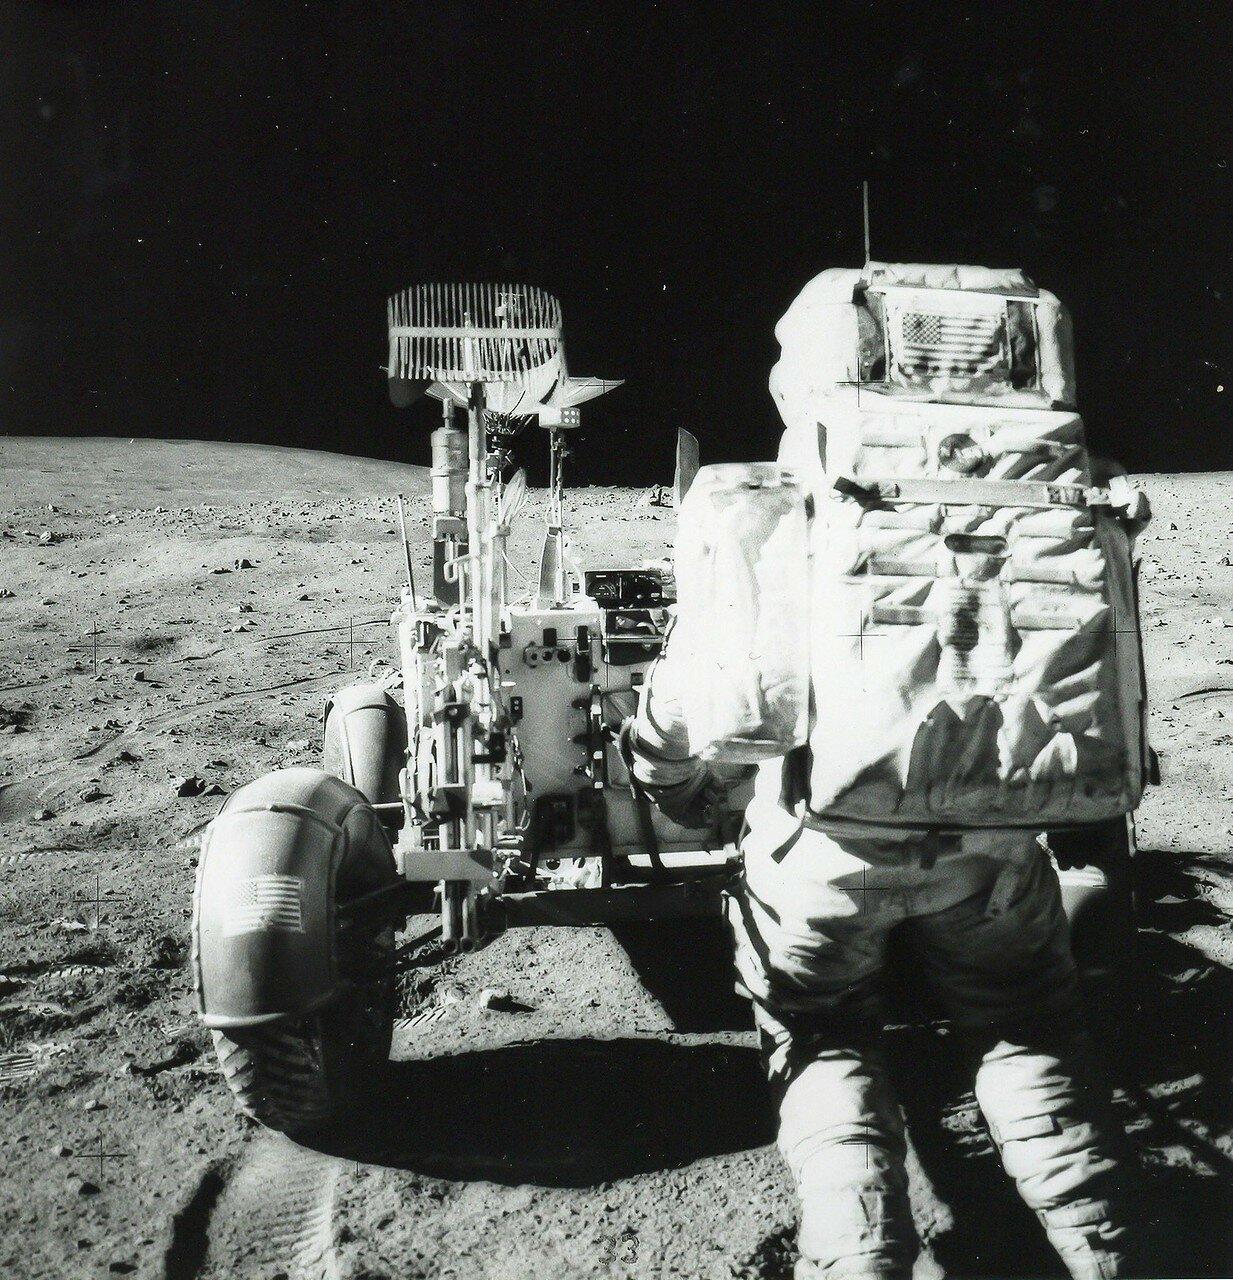 Под занавес работы в этом месте Хьюстон попросил астронавтов подобрать большой камень, лежавший недалеко от «Ровера». На снимке Джон Янг на краю кратера Плам